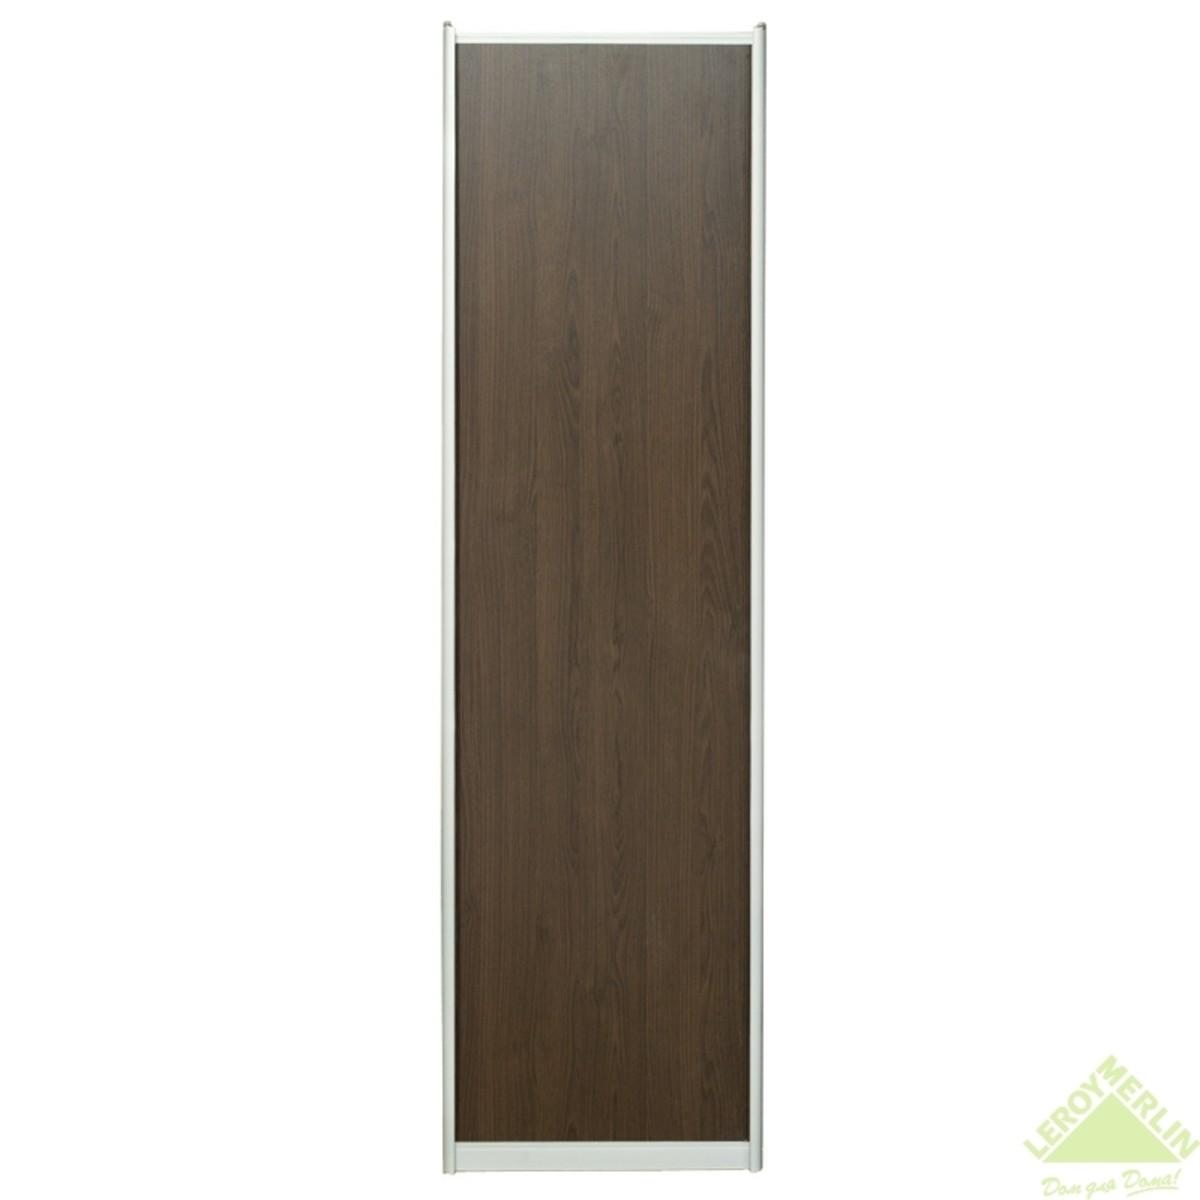 Дверь-купе 2570х842 мм цвет венге/серебро